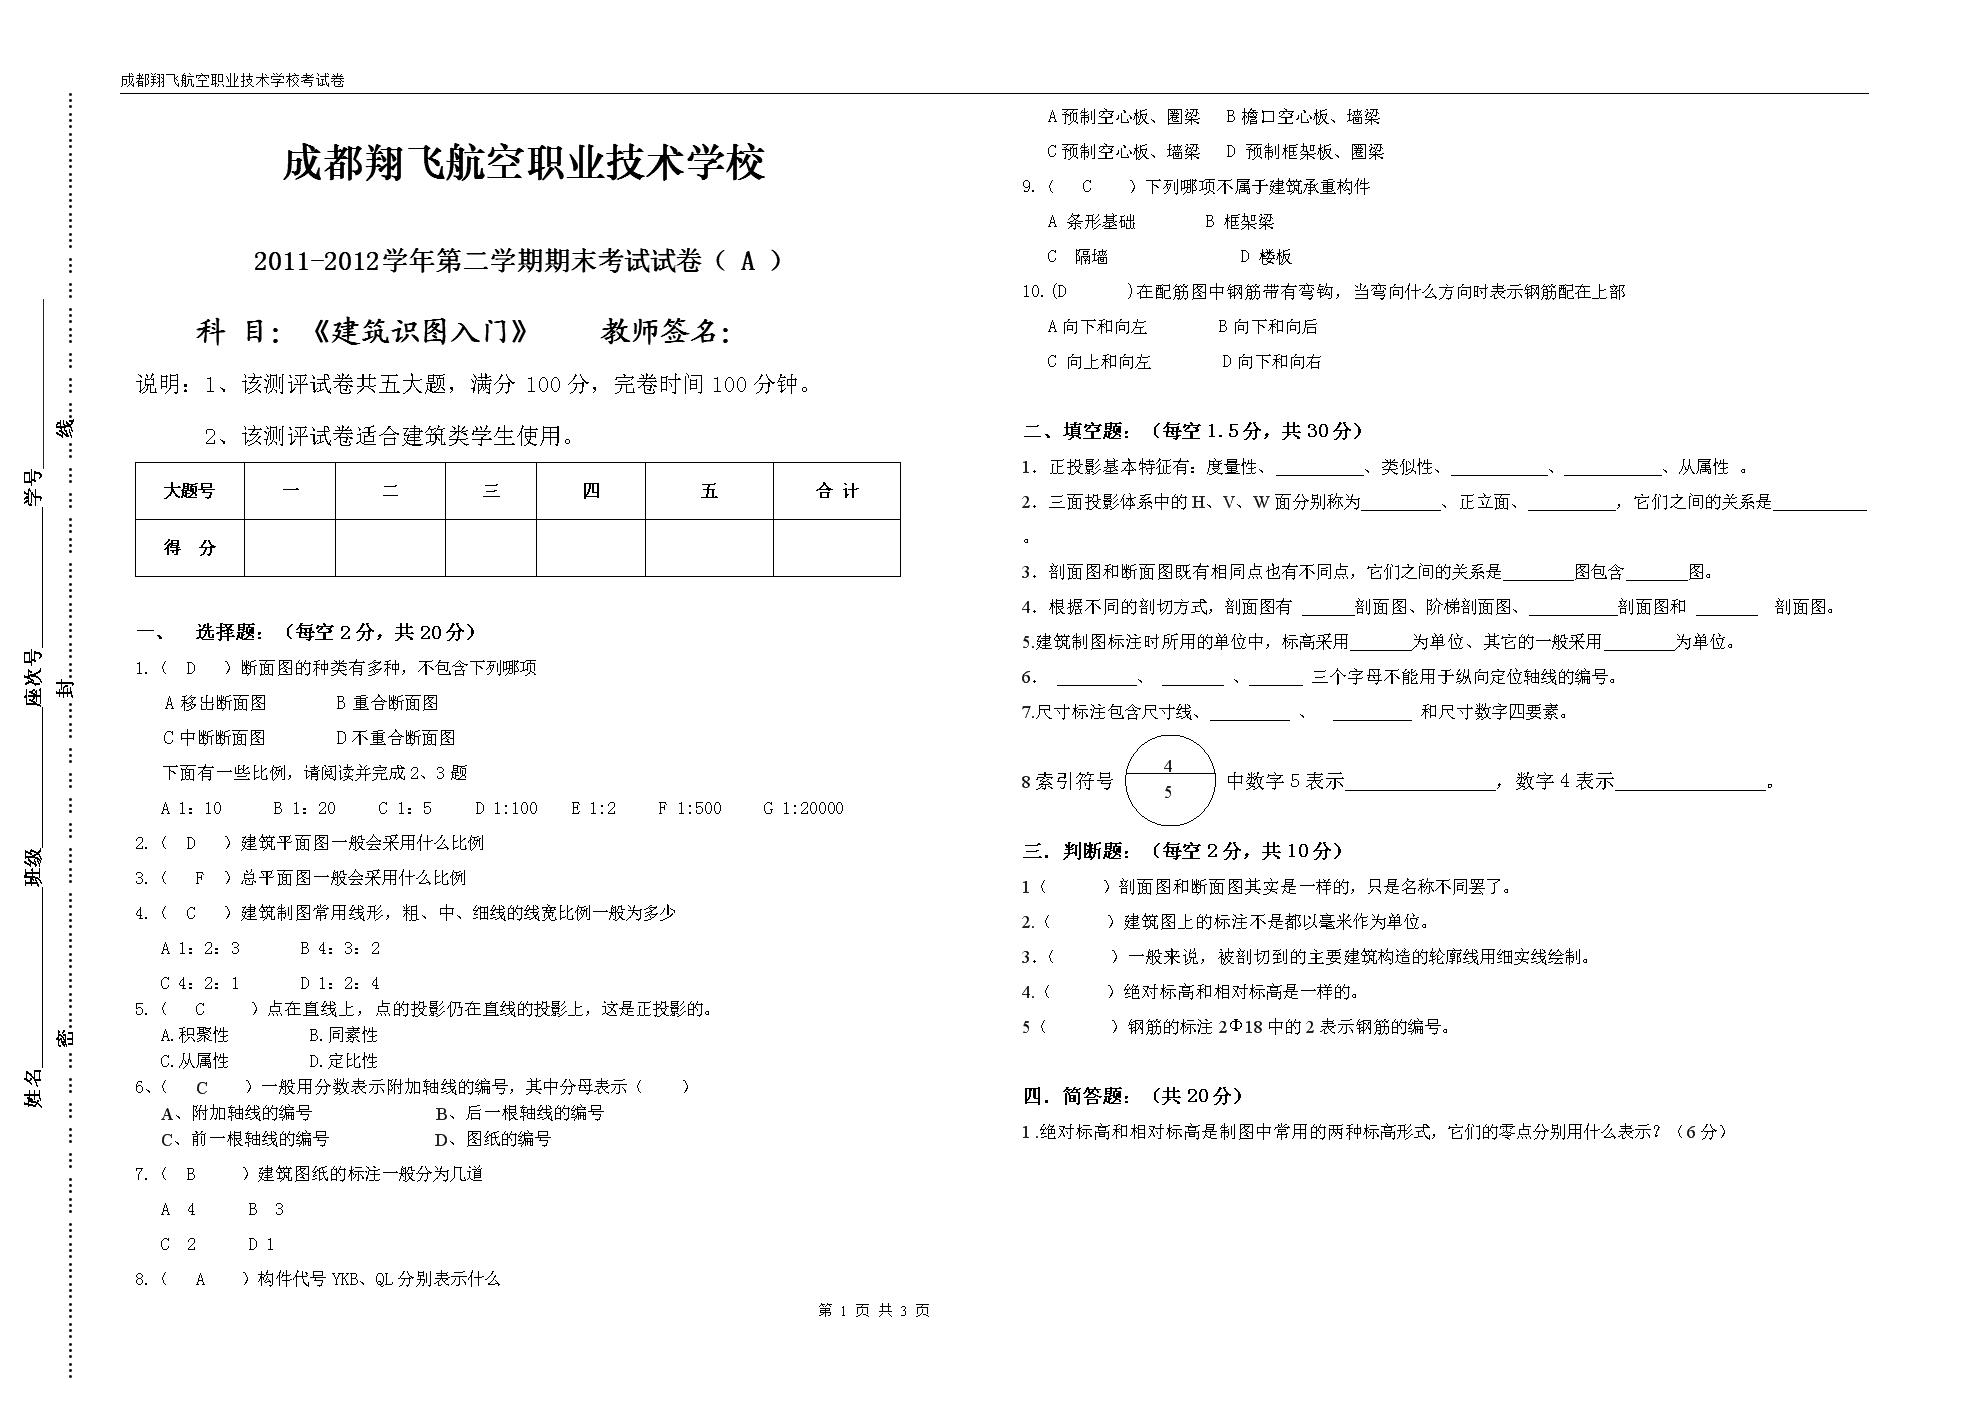 成都航校建筑制图与识图期末试卷及答案.doc